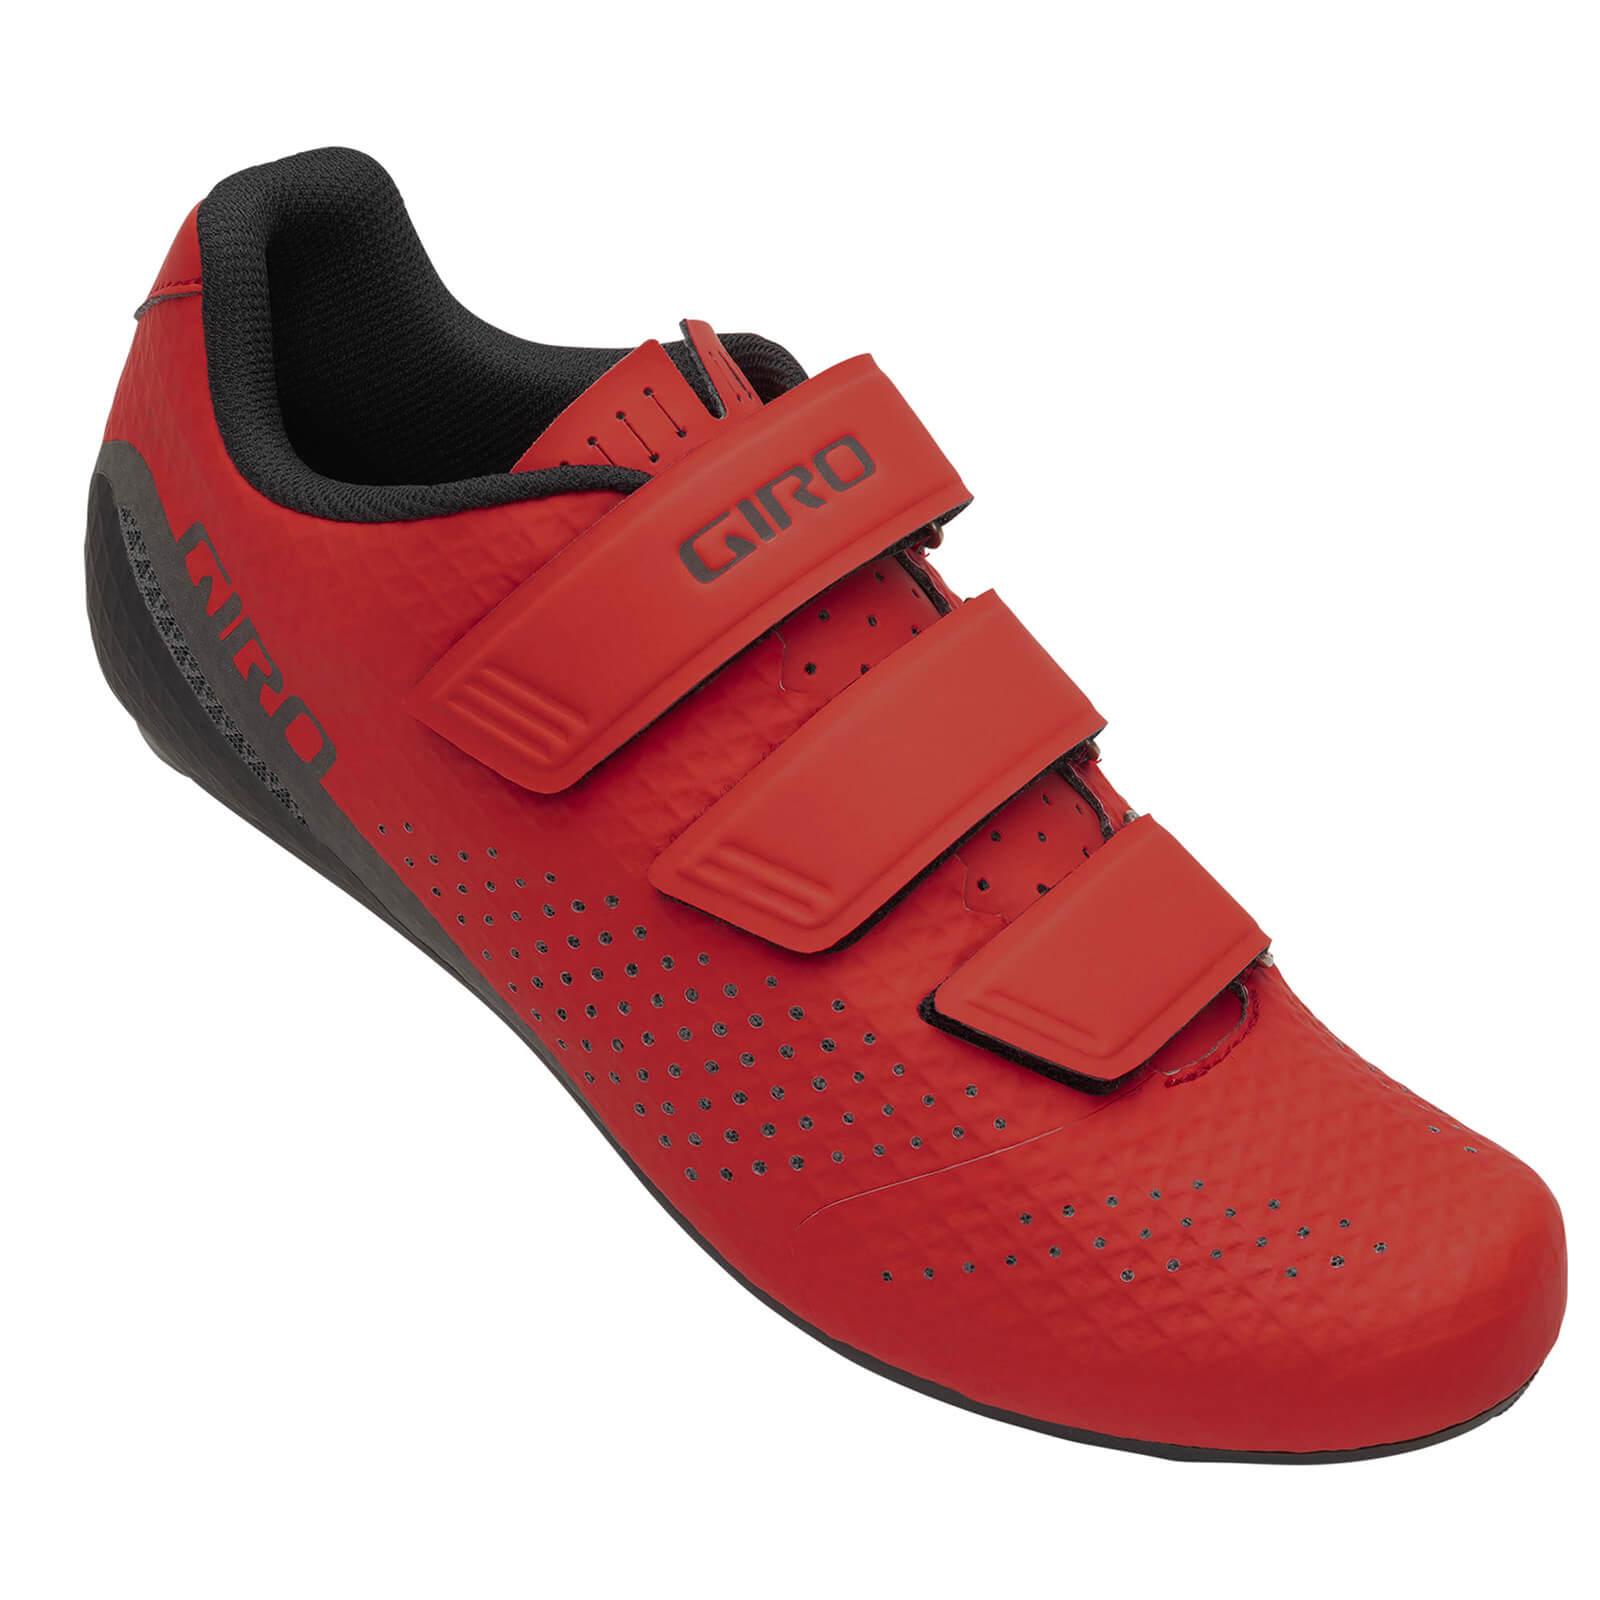 Giro Stylus Road Shoe - EU 46 - Red